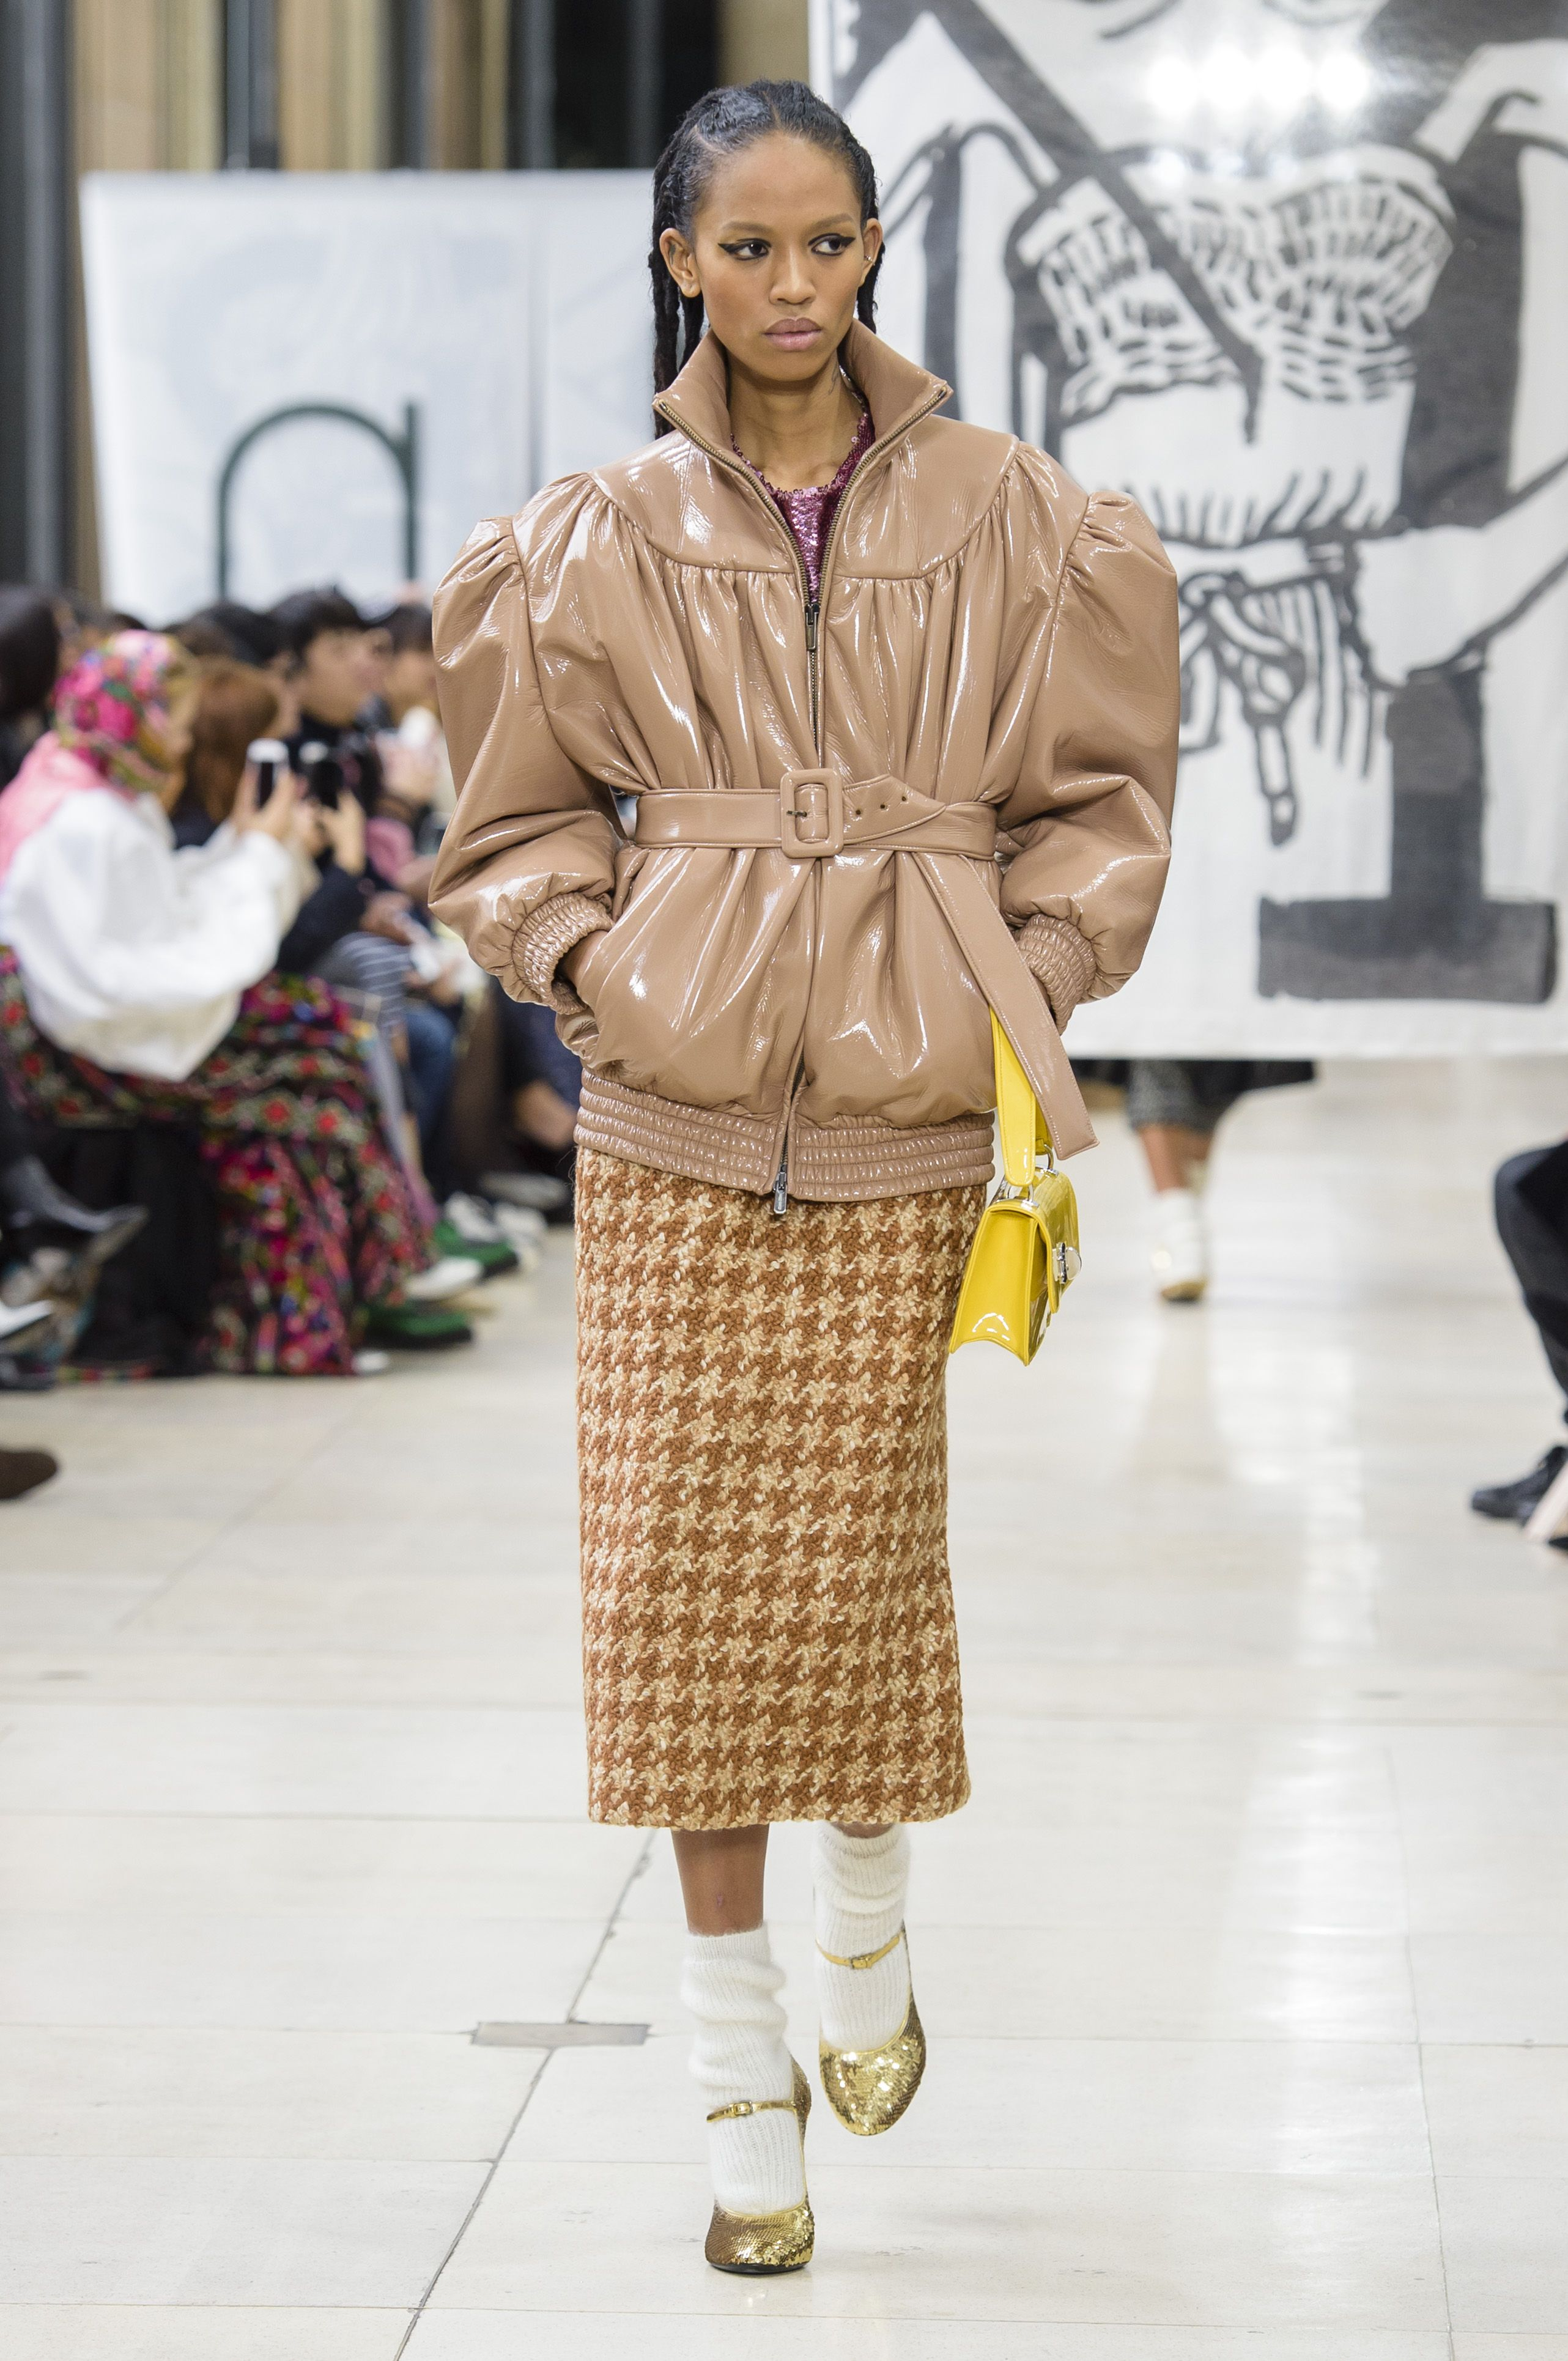 349416a0cf2fe Miu Miu, inverno 2019  alfabeto da moda em 2019   PASSARELA